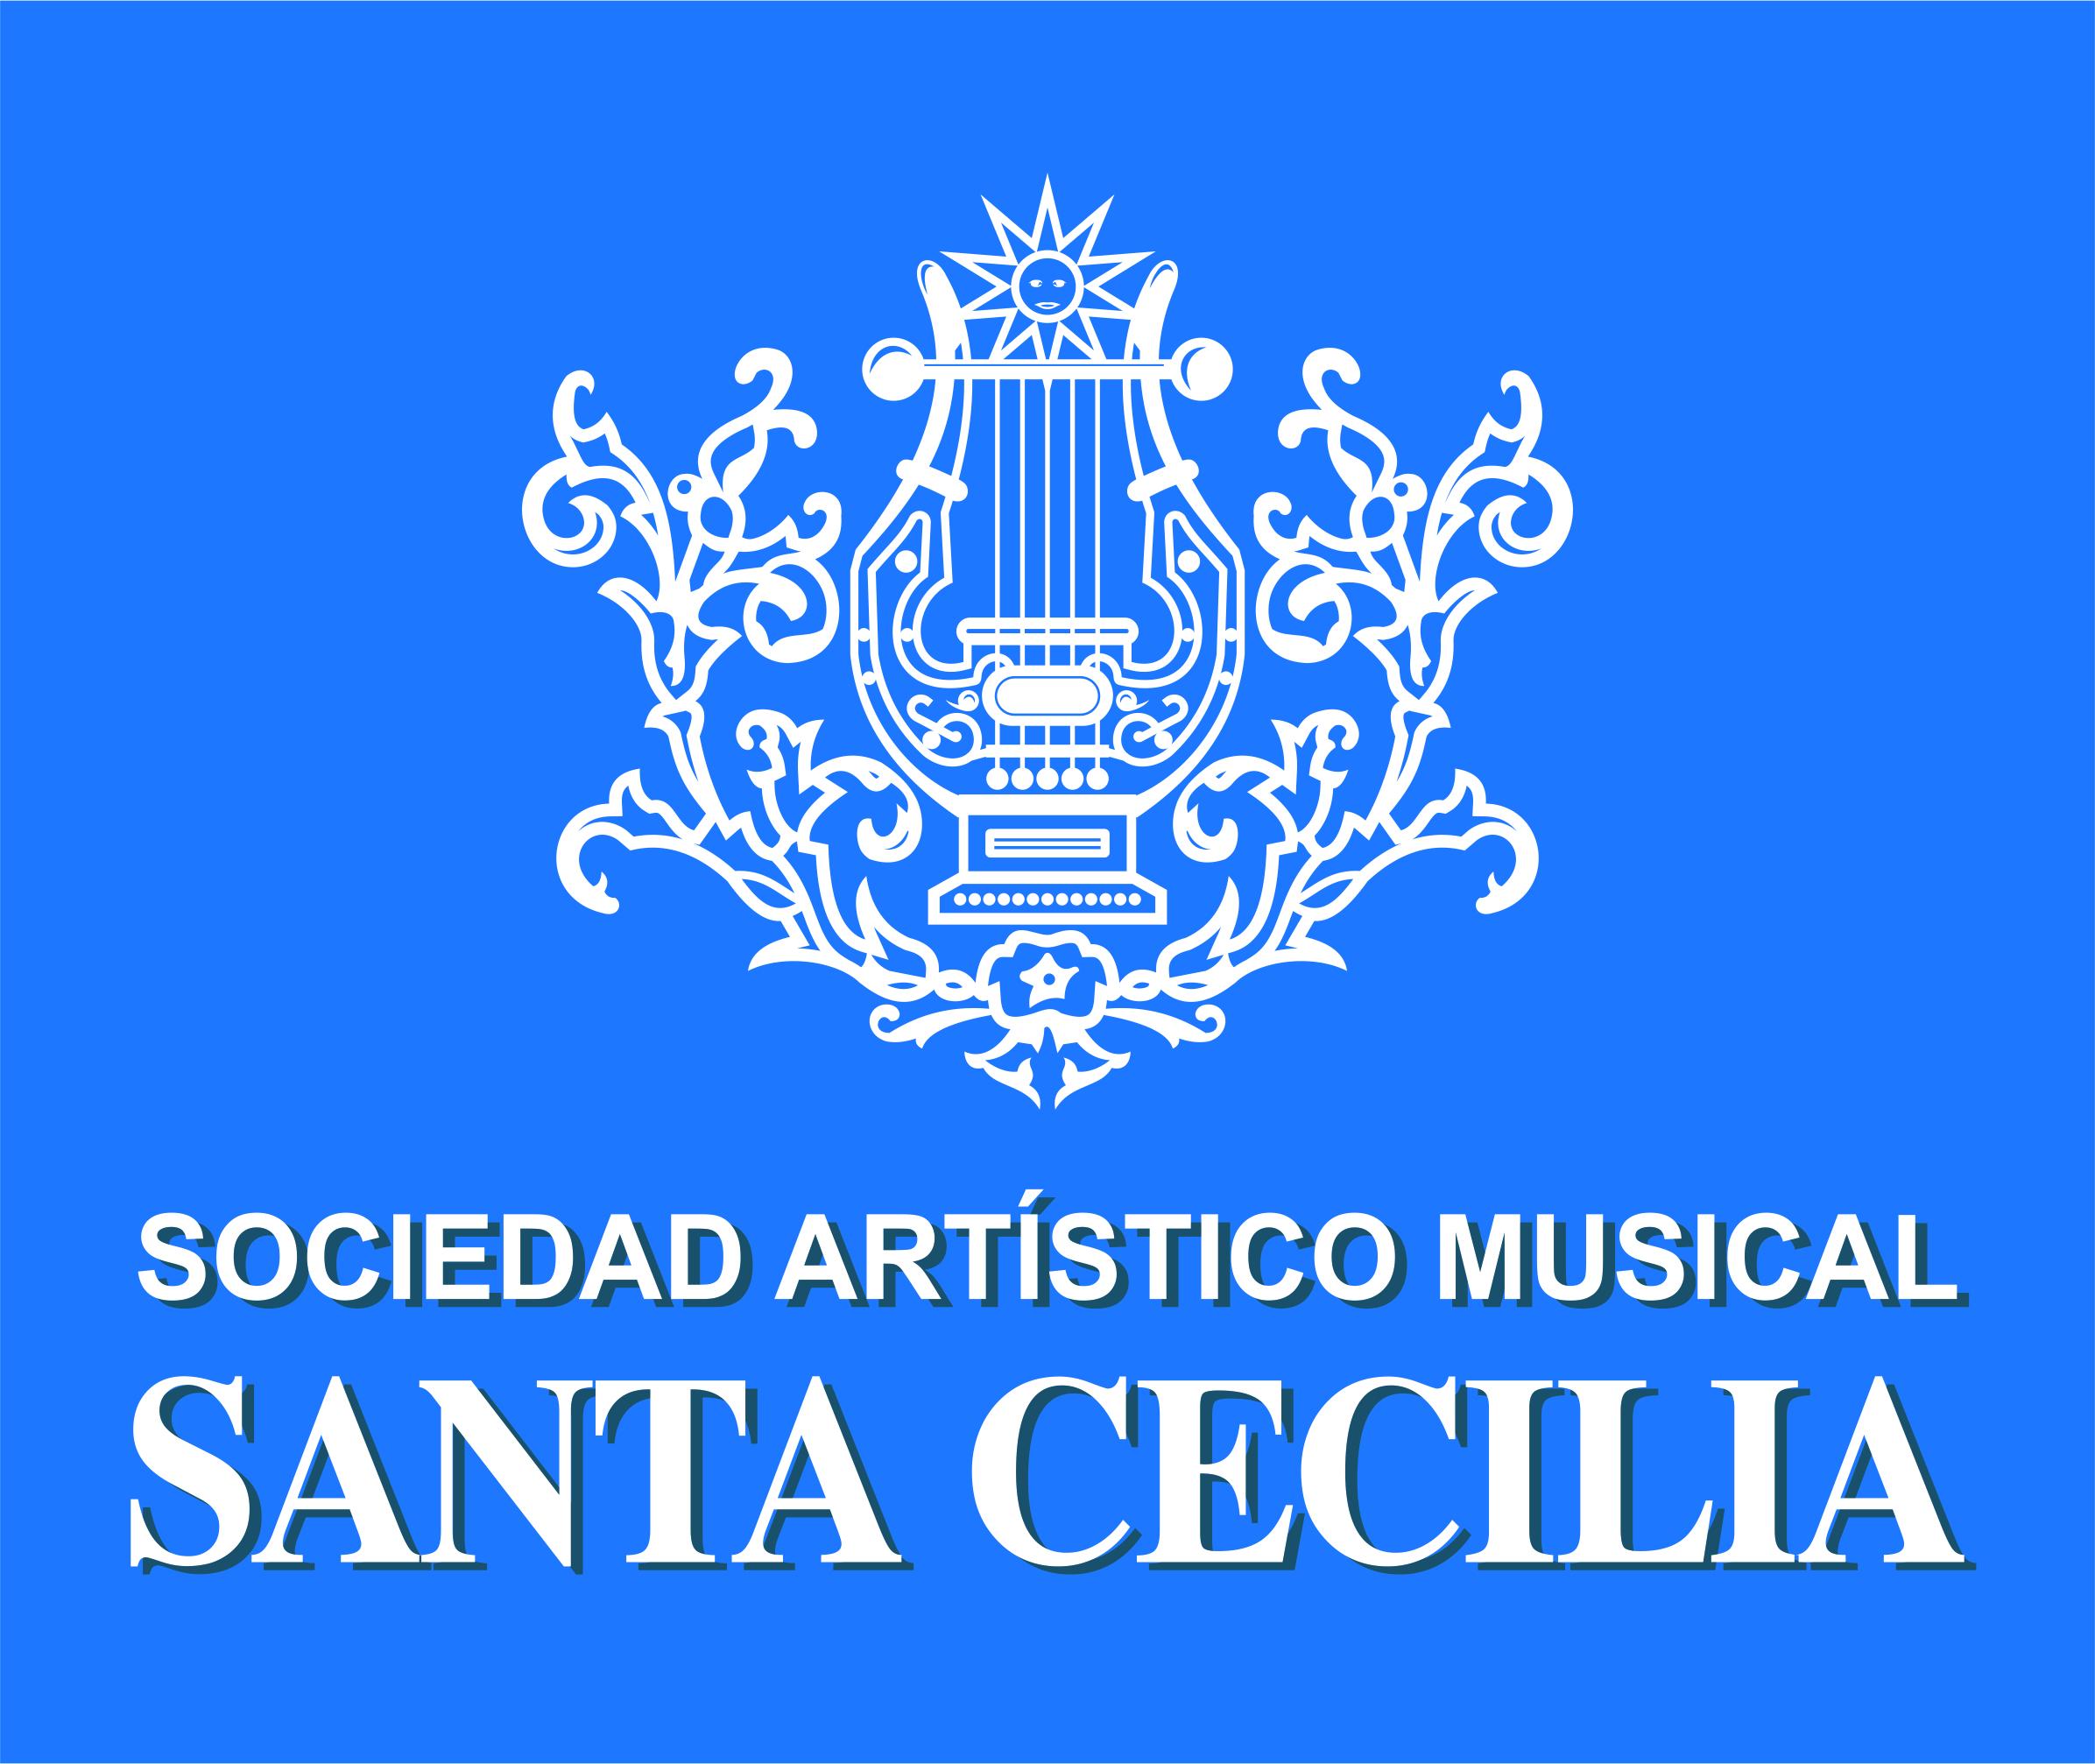 LogoBandaPozoEstrecho